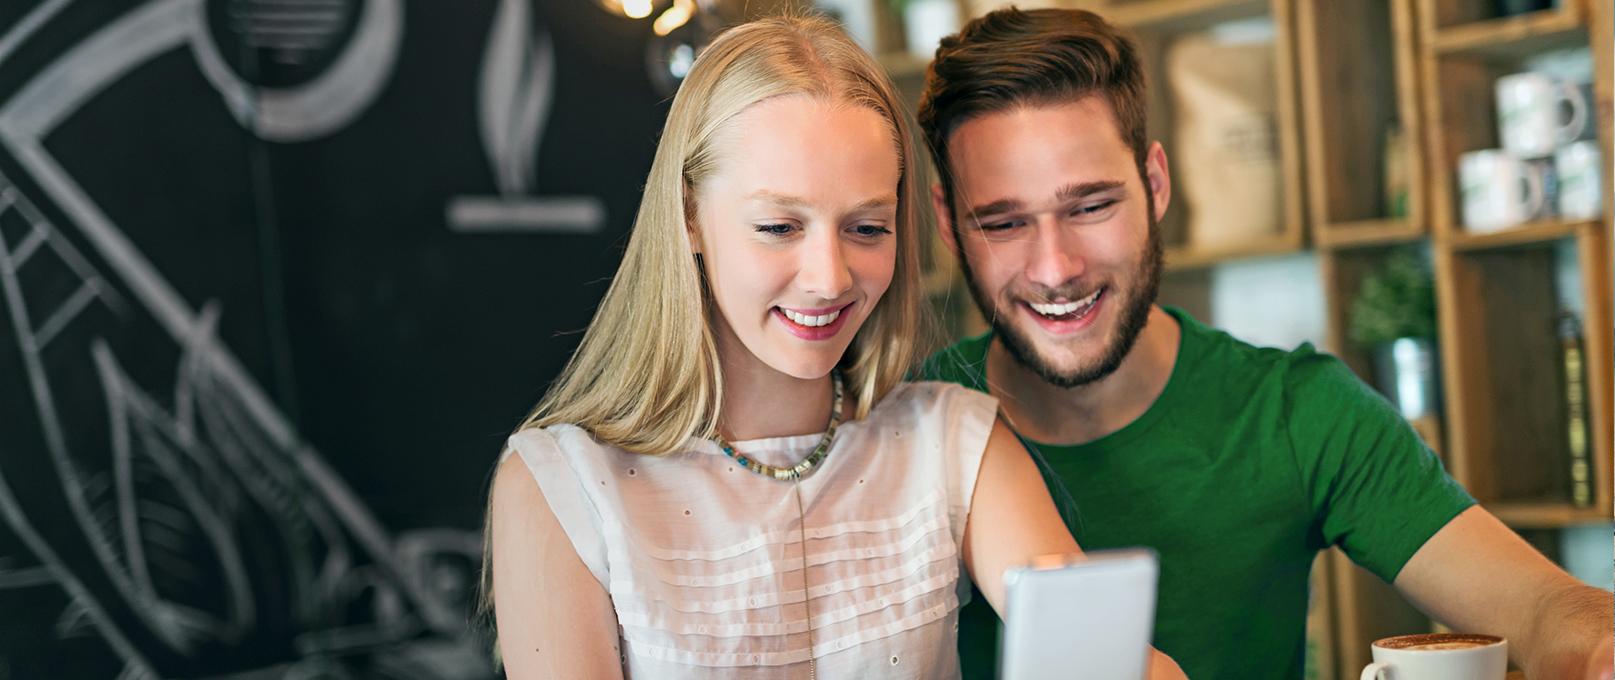 dating til banken tips om hvordan man undgår online dating svindel